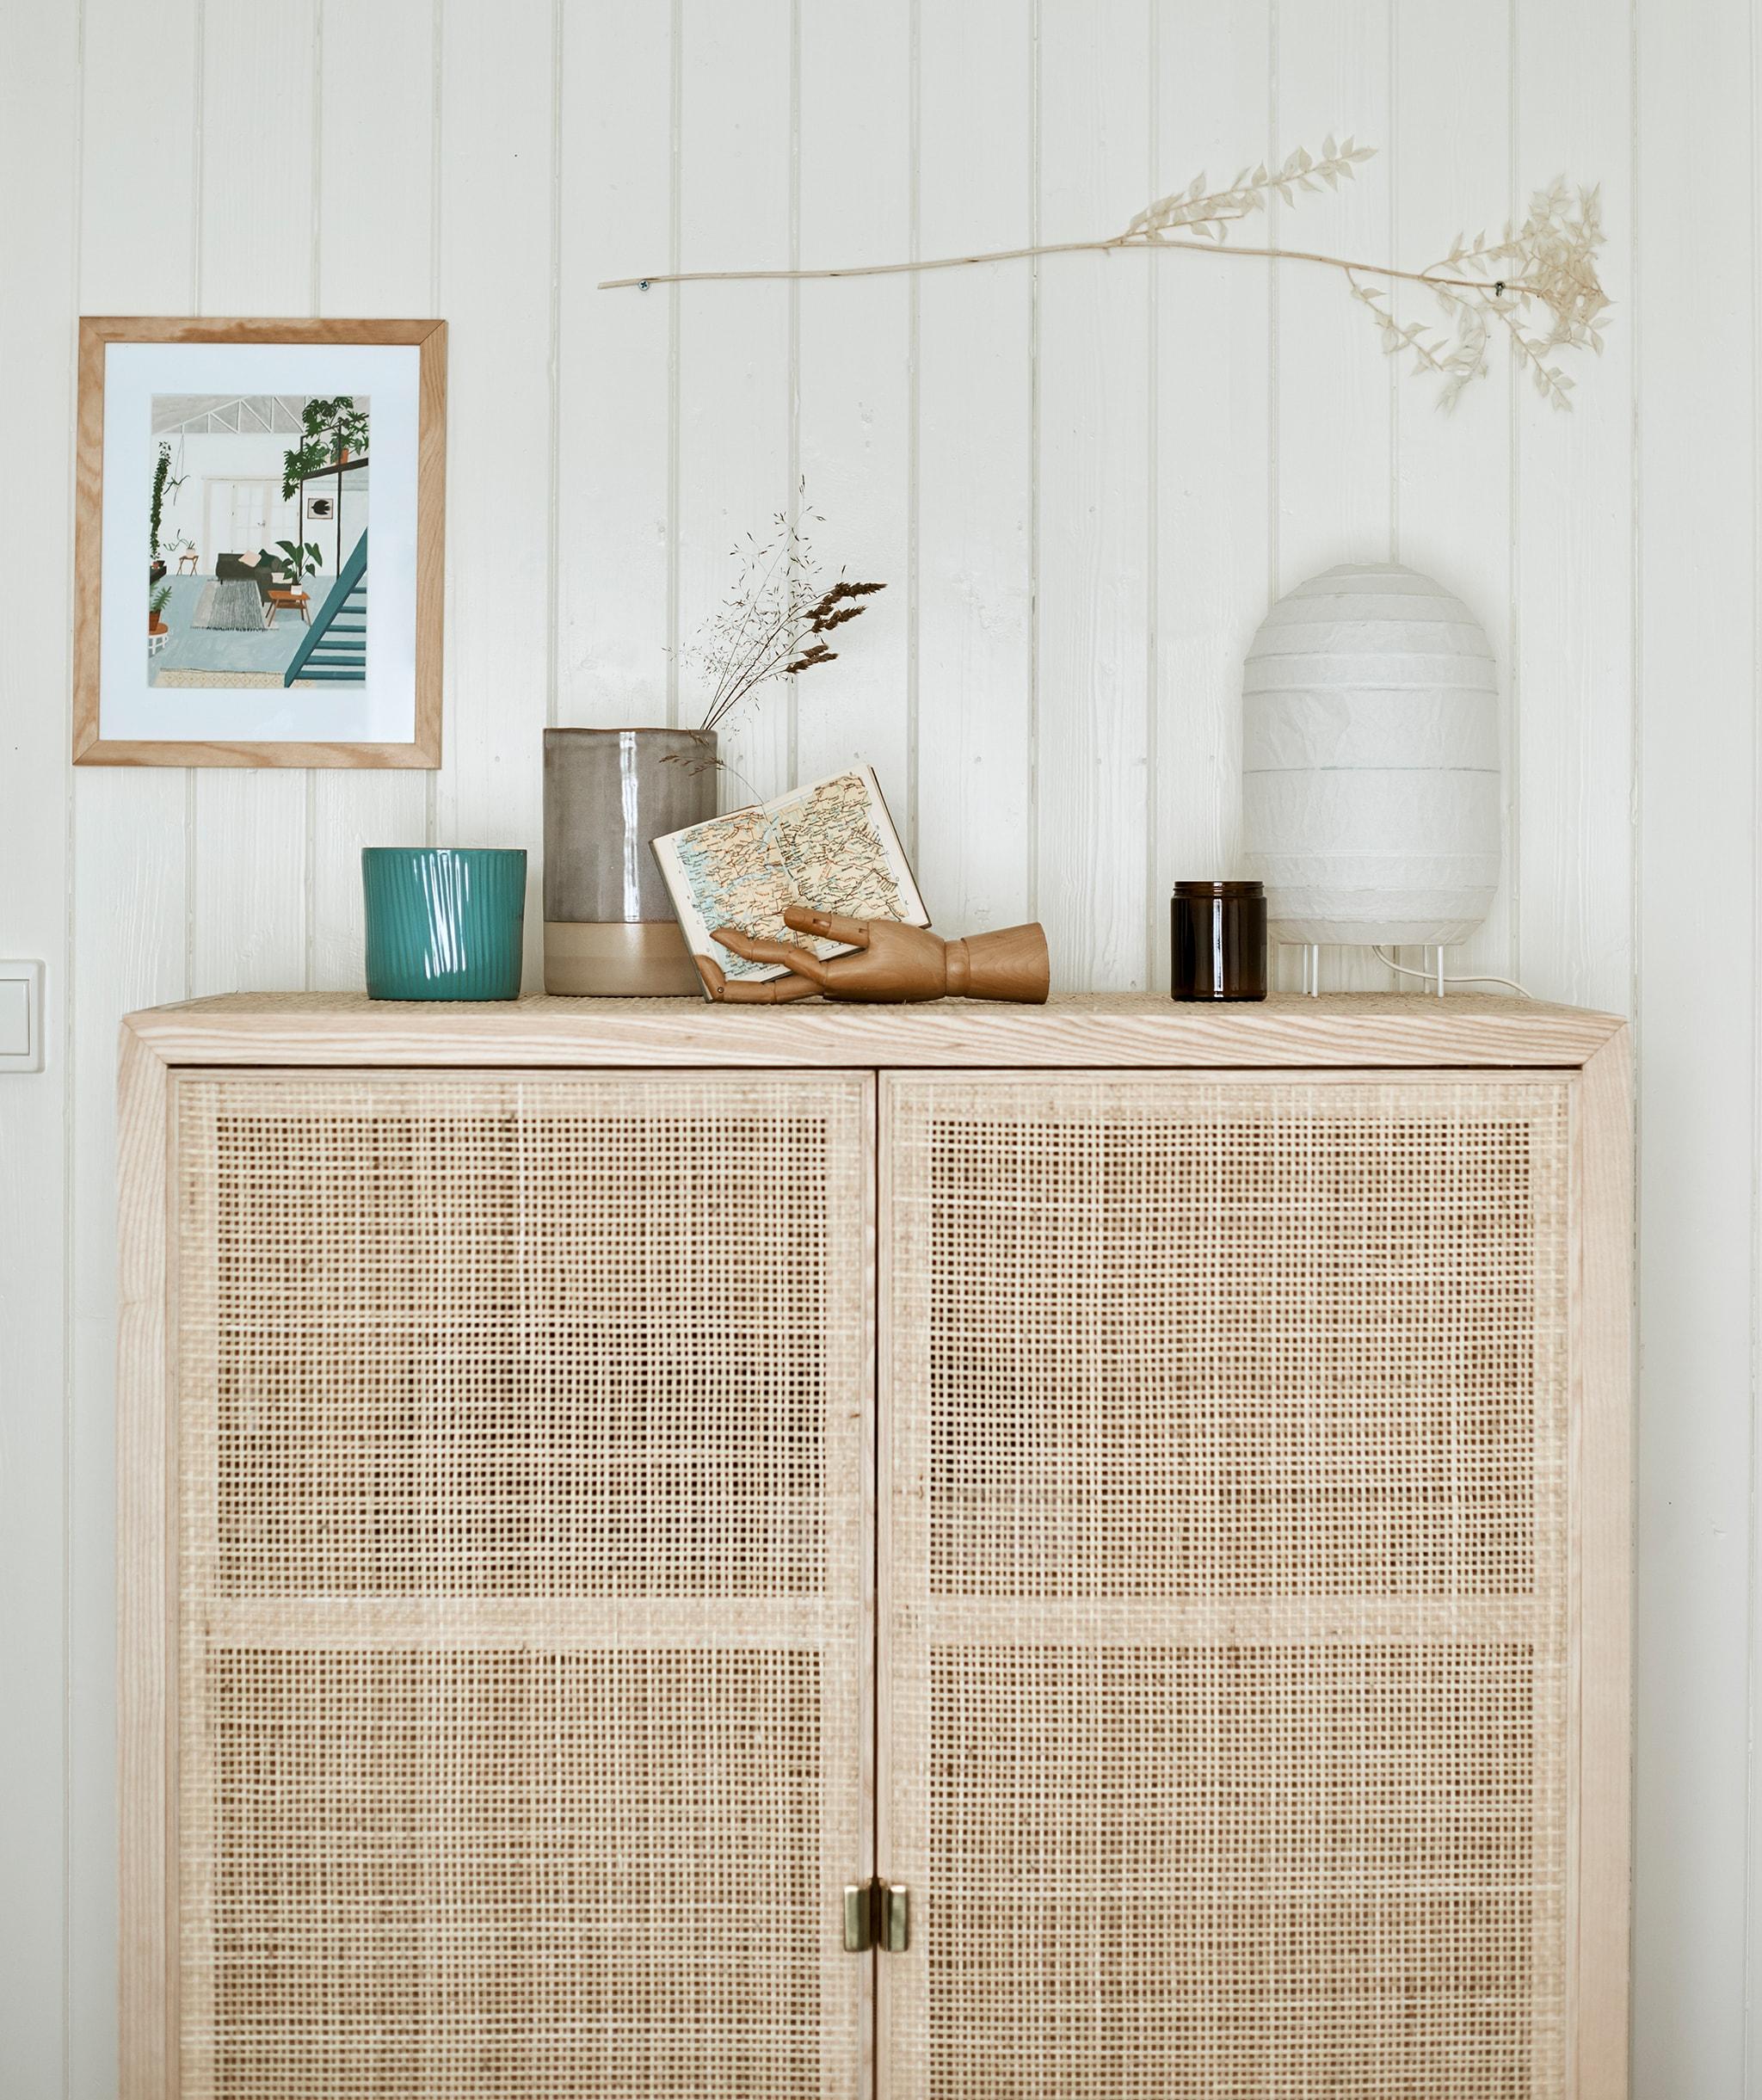 配以織藤櫃門的高身木製貯物櫃,櫃上有紙燈籠和其他擺設,背後的牆壁舖上木牆板。